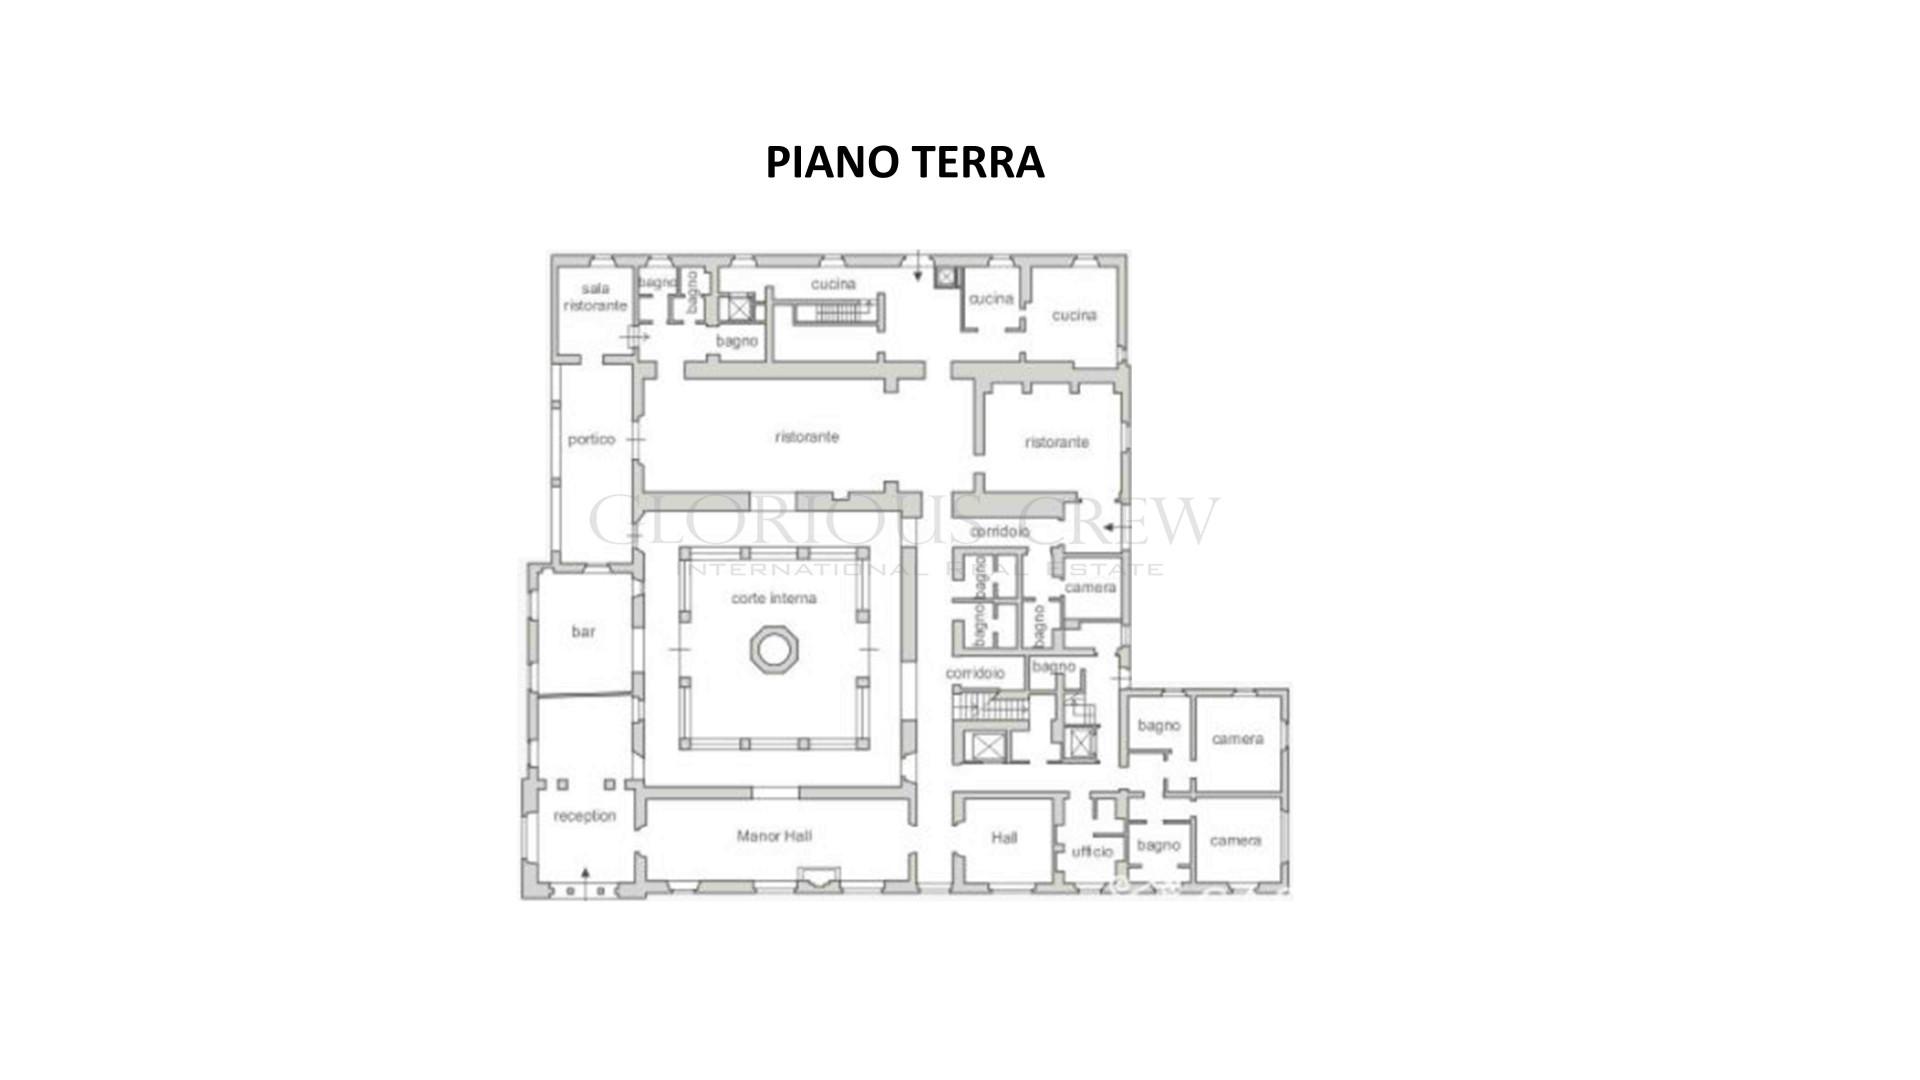 Rustico in Vendita a San Gimignano: 5 locali, 2500 mq - Foto 22